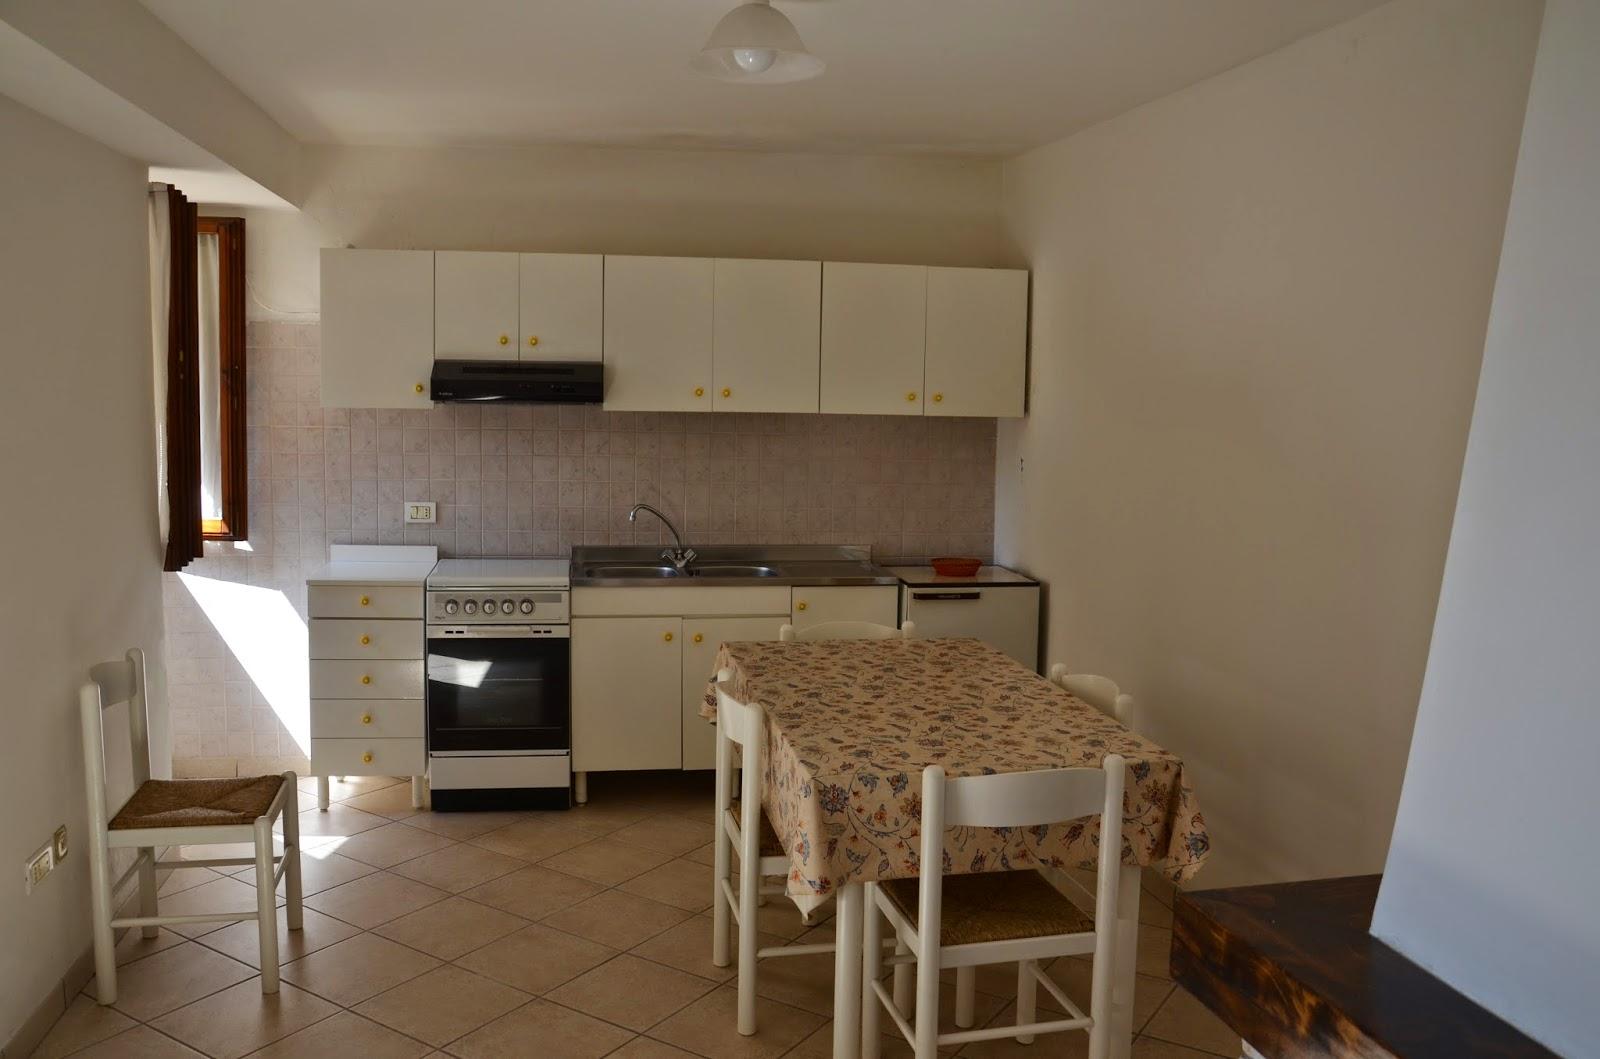 YOUR NEW HOME IN VENAROTTA | Your New Home in Venarotta - Marche - Italy